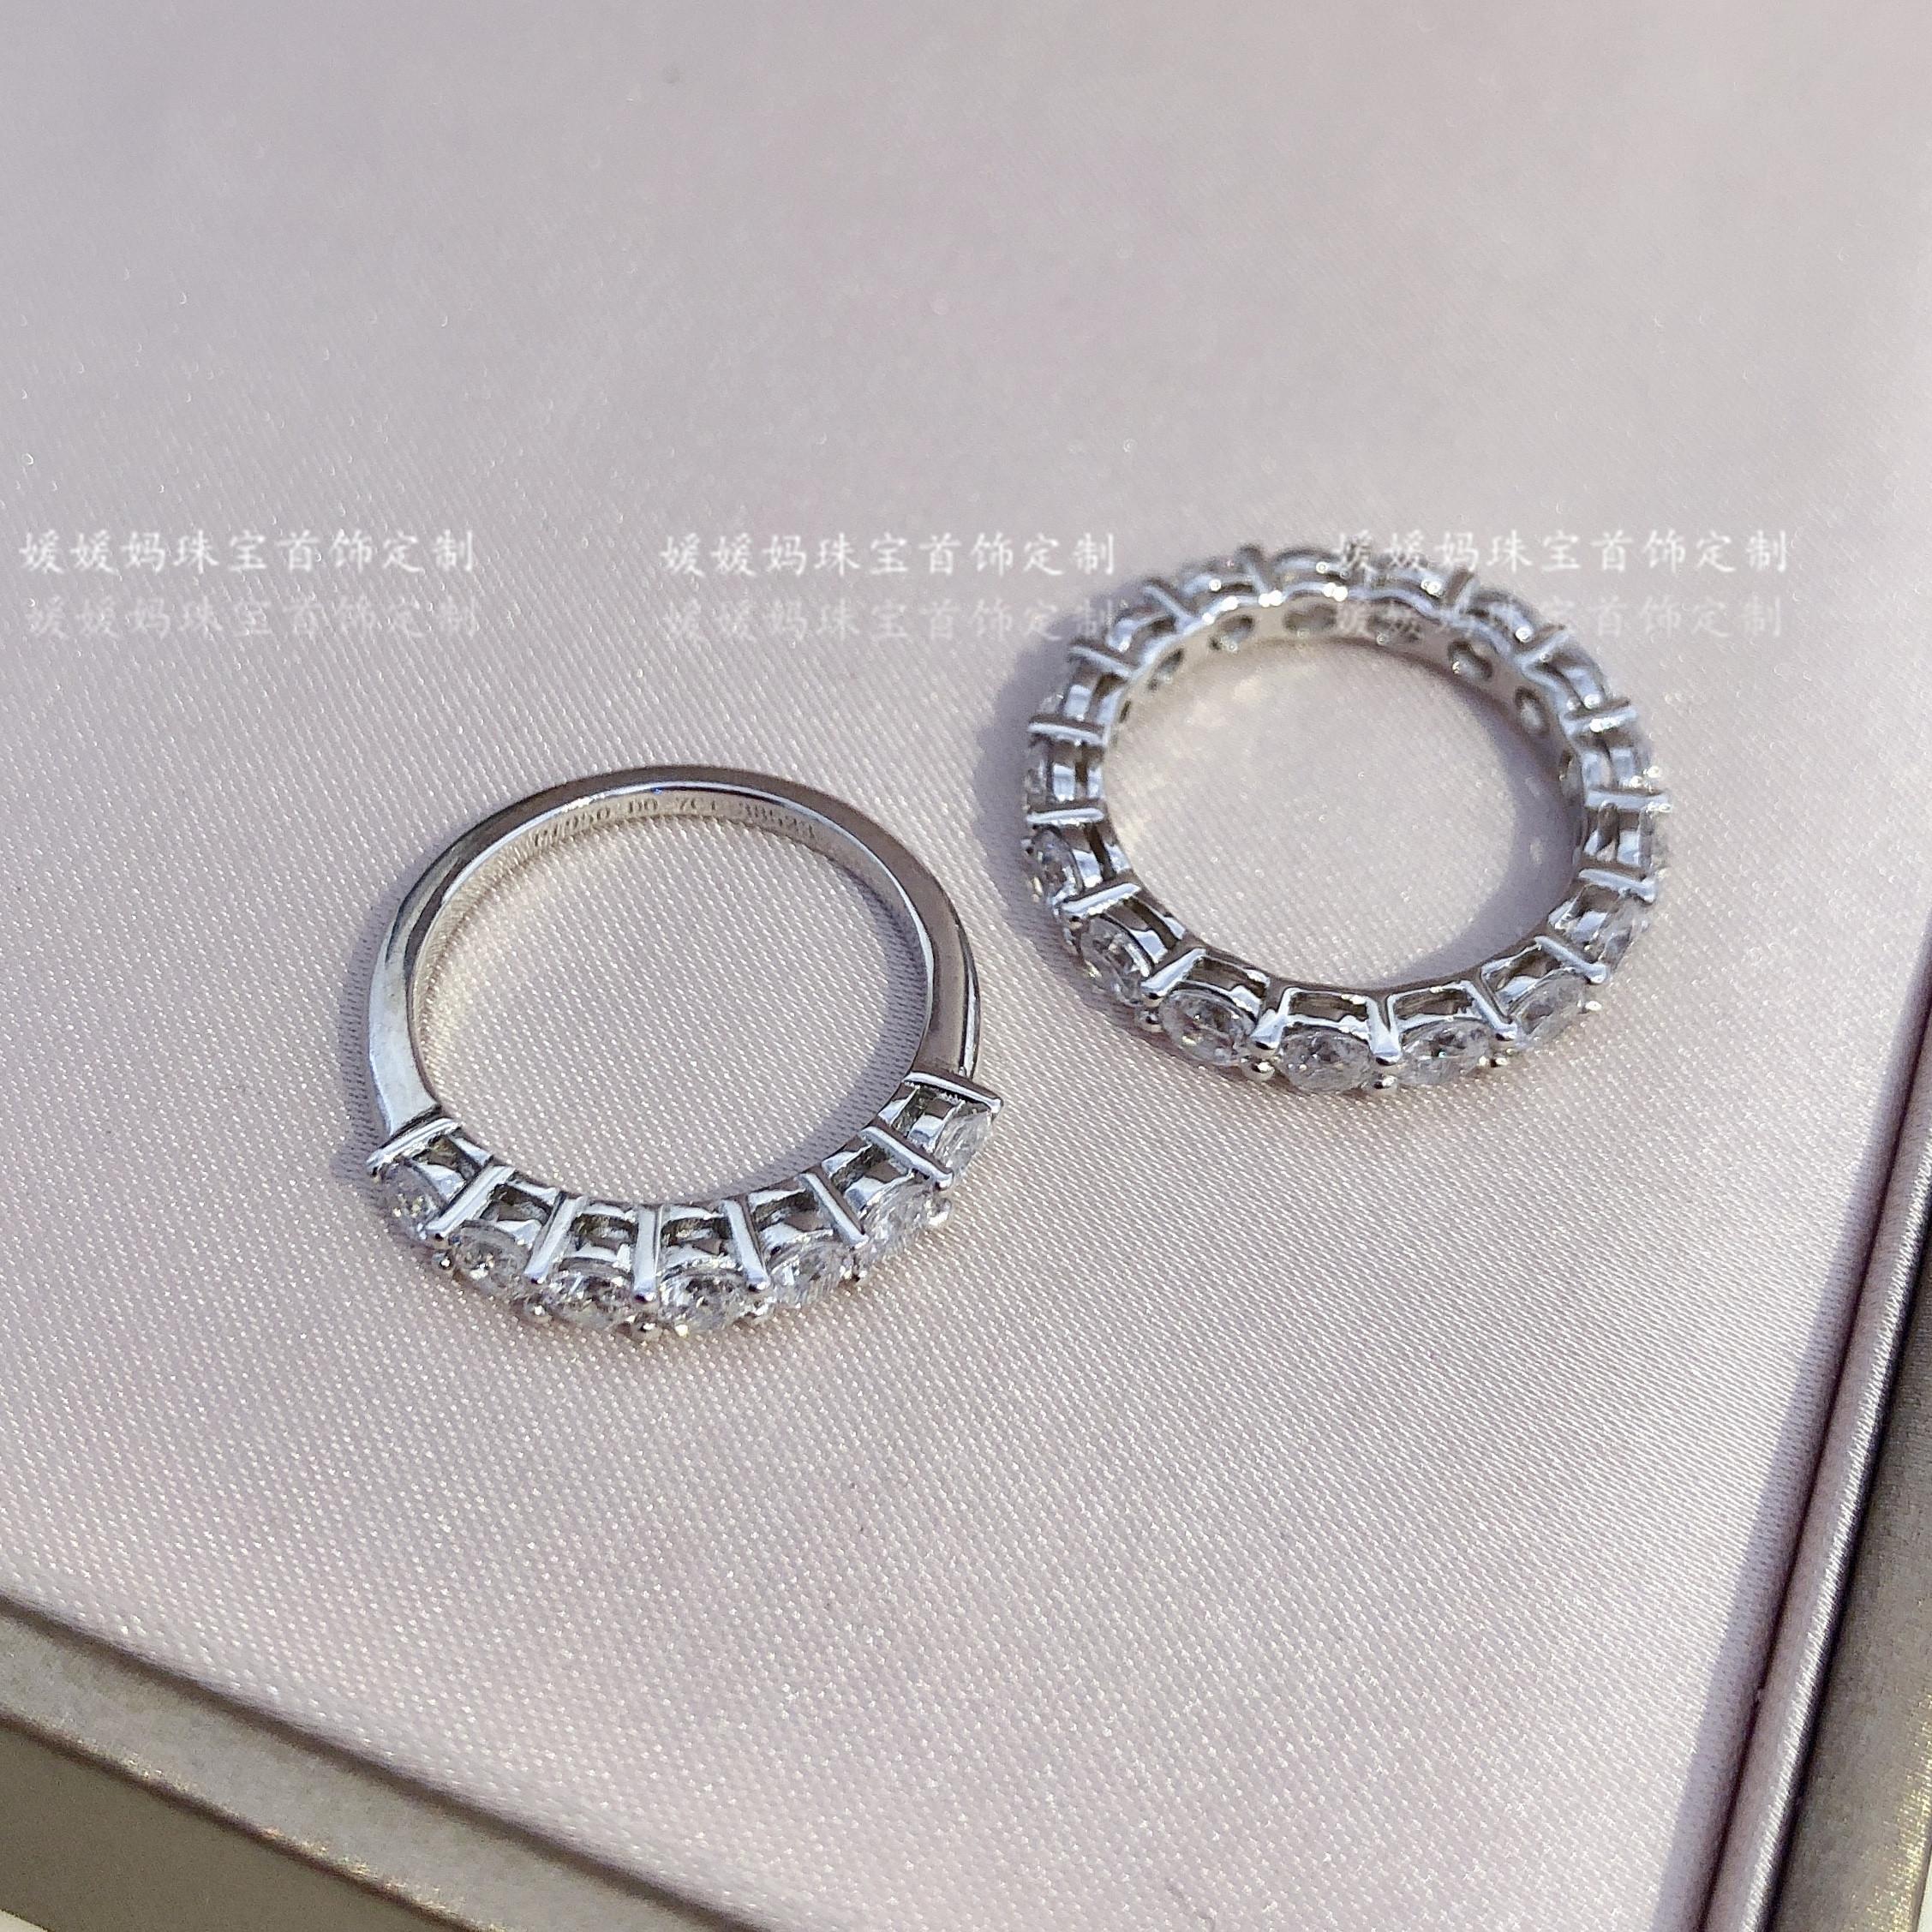 礼物 CHIC 分高碳钻戒指钻戒副戒小众 10 钻 18K7 纯银 925 分排钻戒指 20